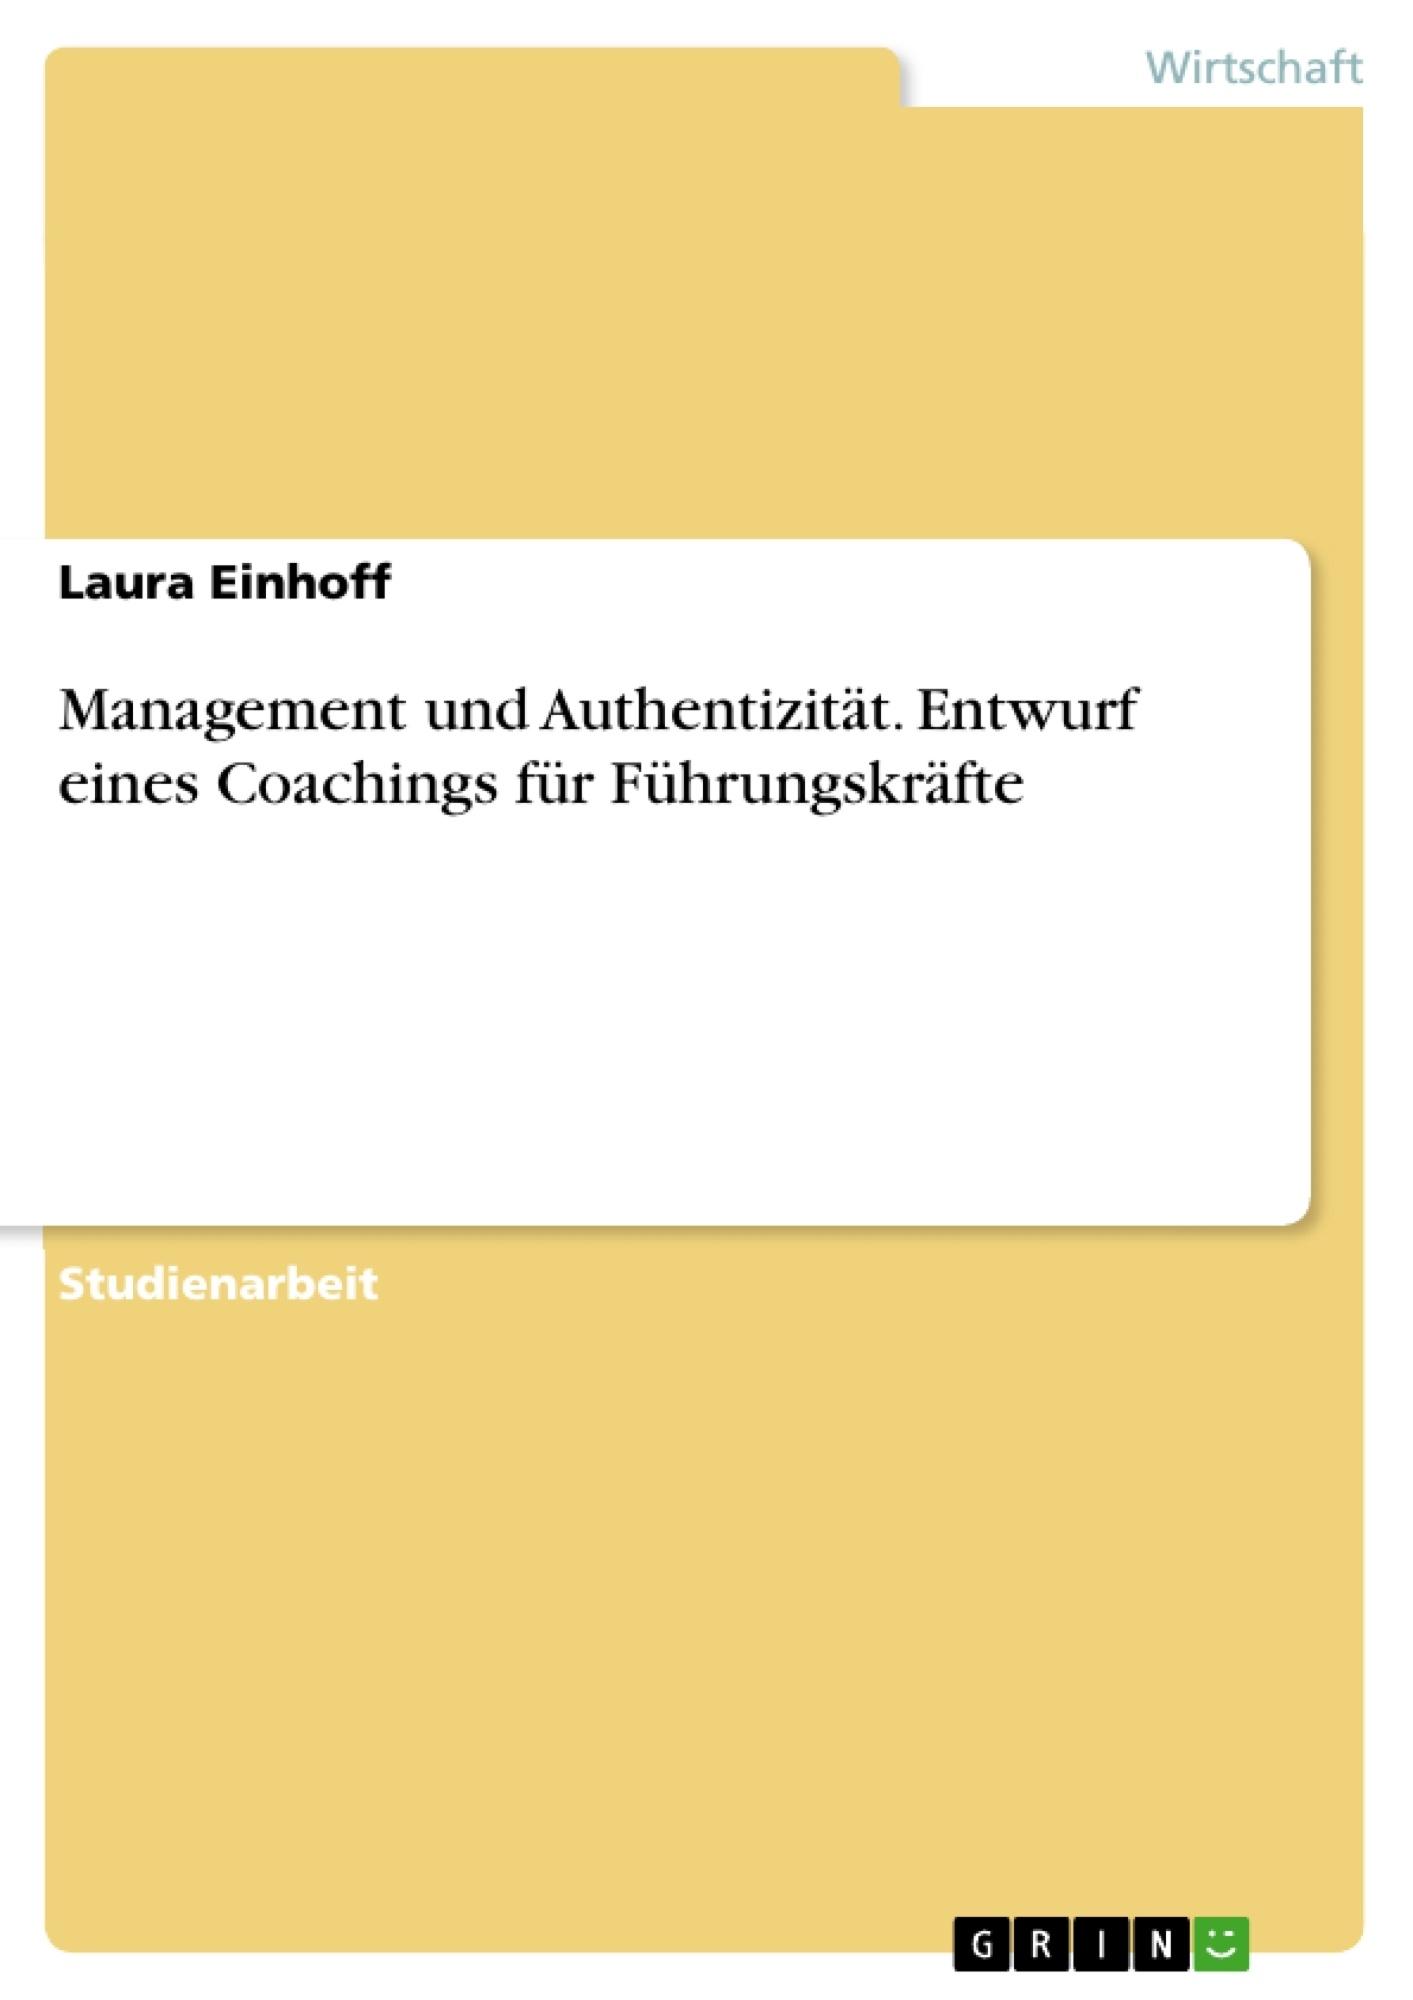 Titel: Management und Authentizität. Entwurf eines Coachings für Führungskräfte